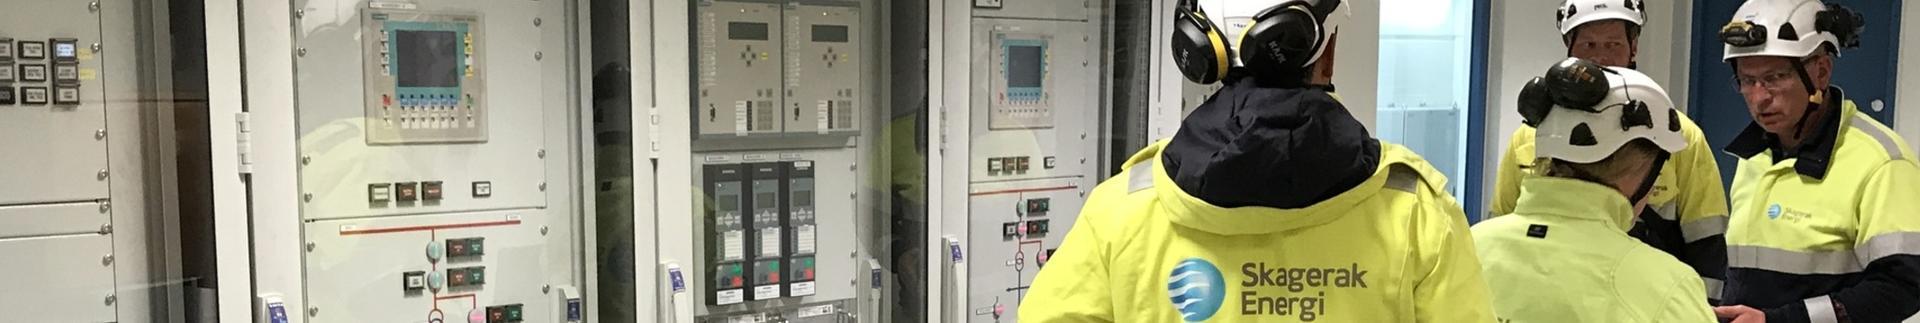 Kontrollrom kraftverk med mennesker